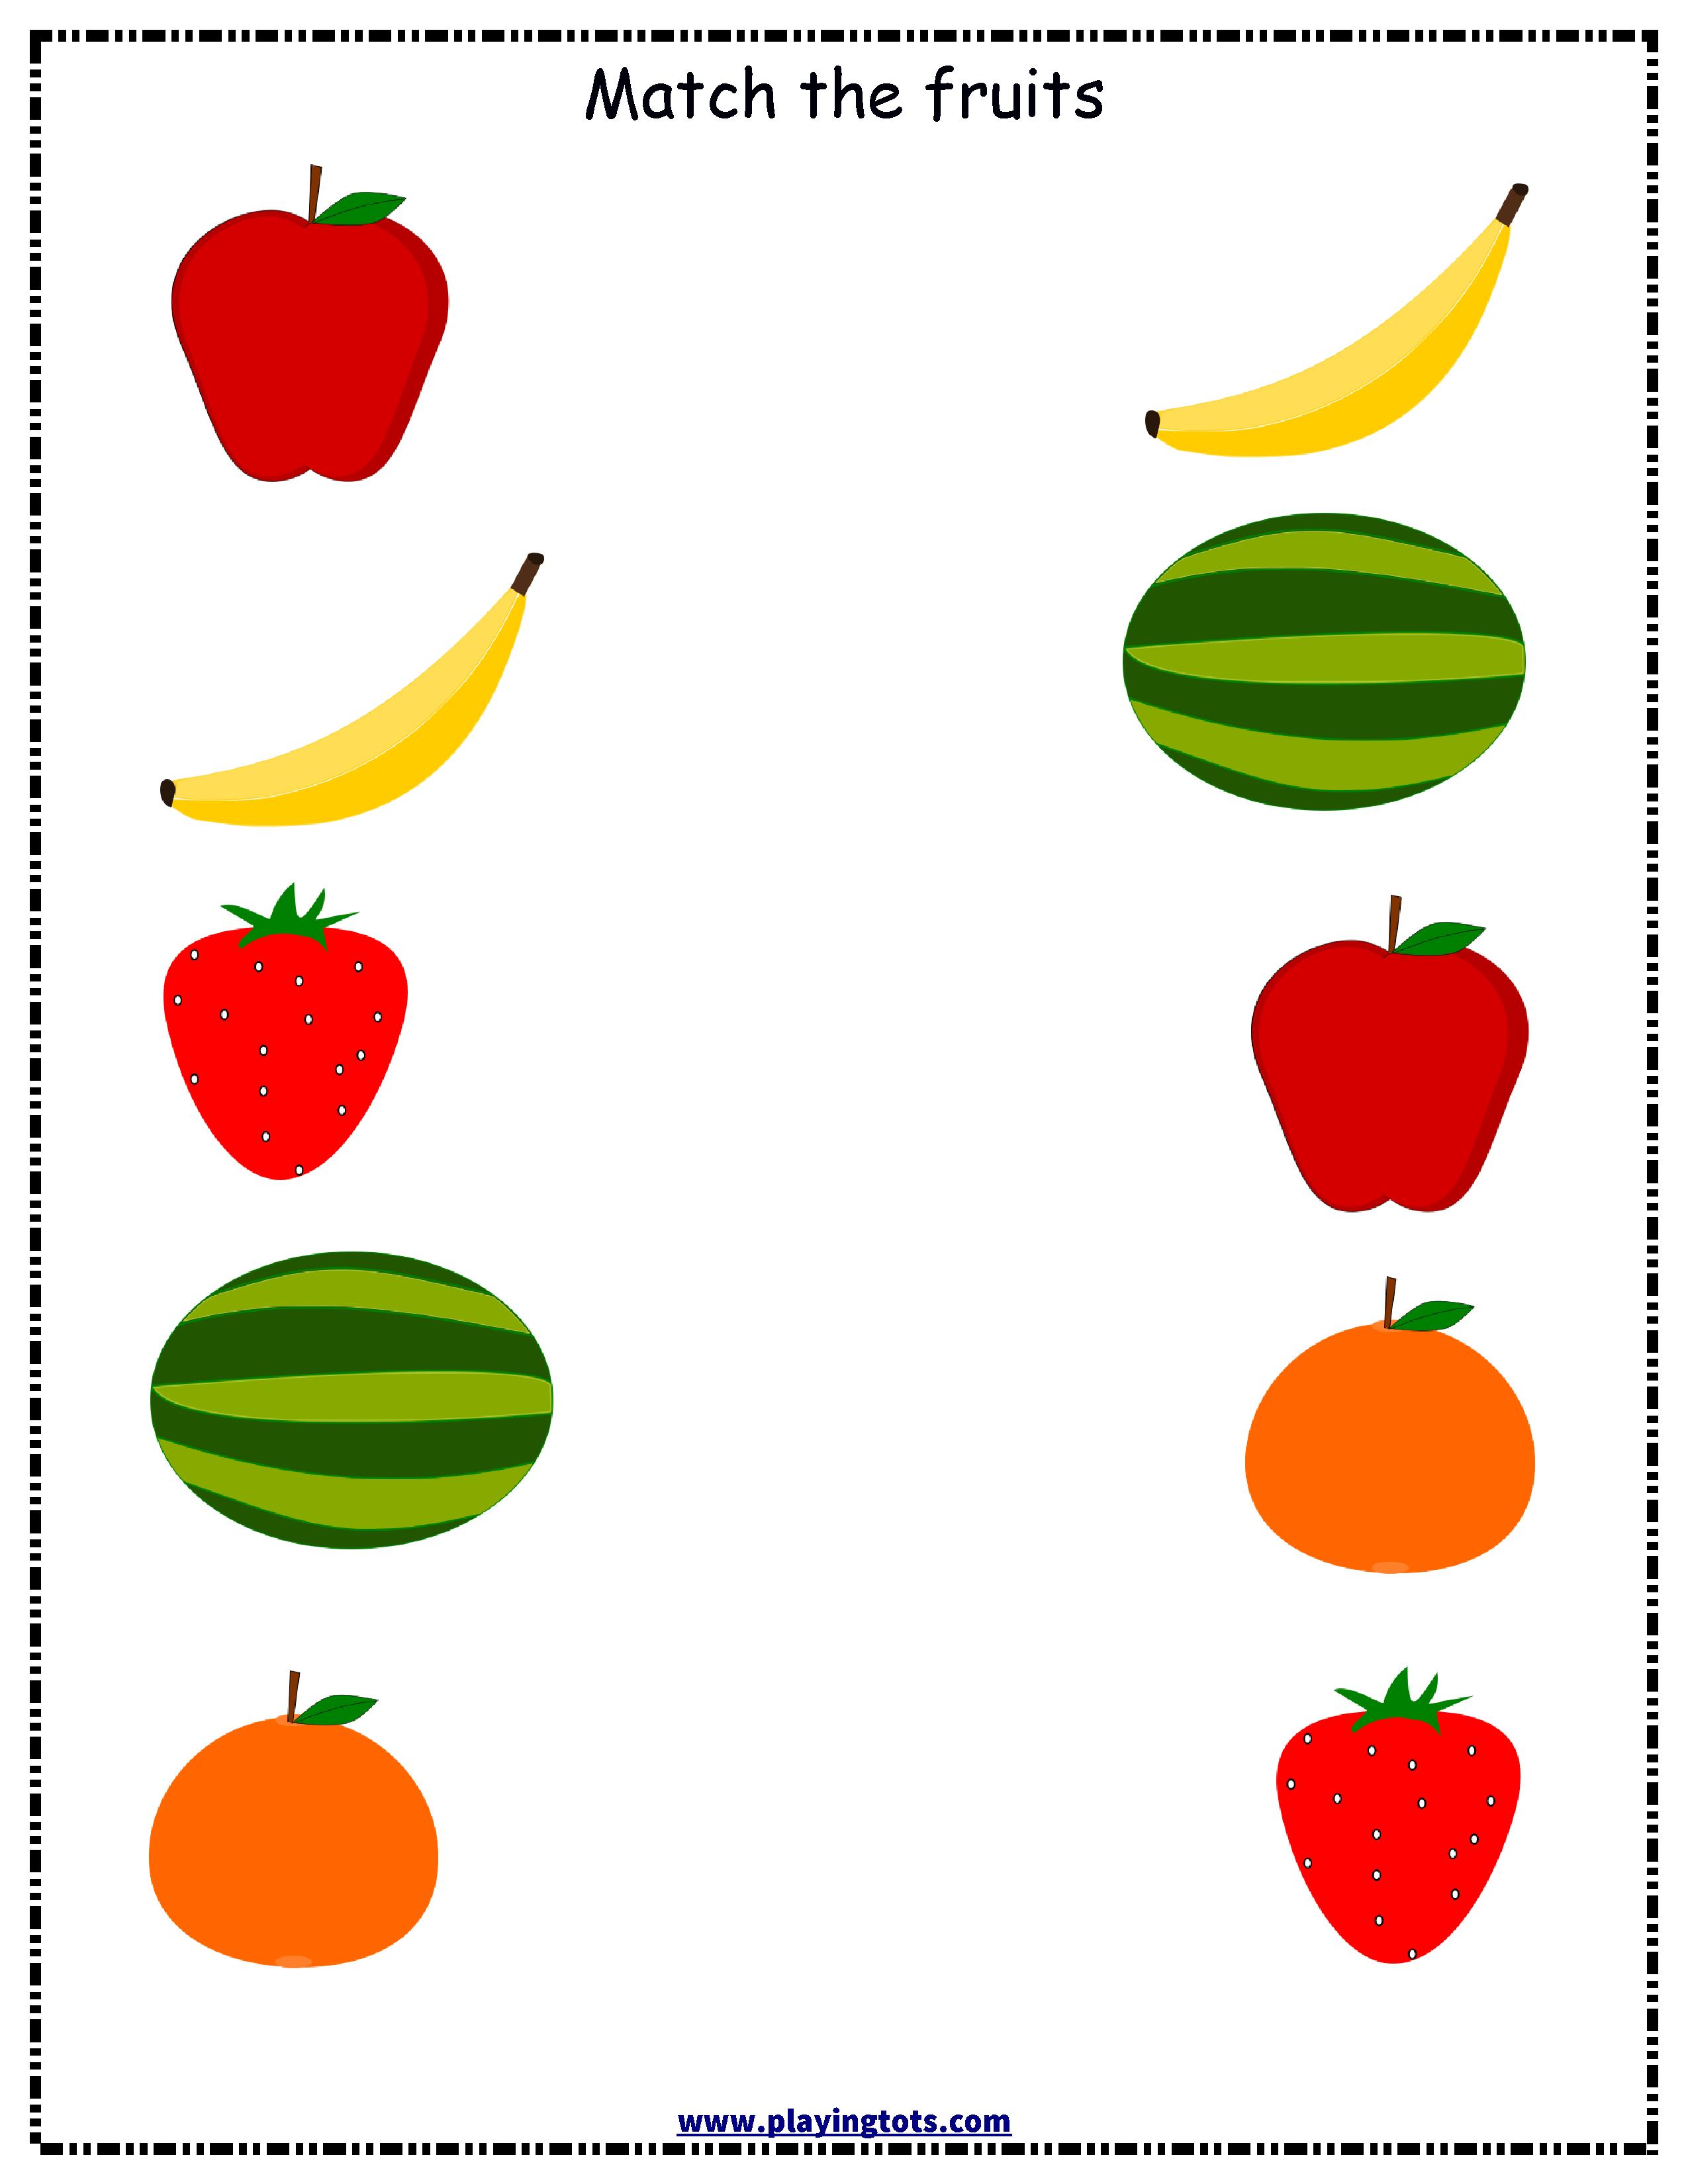 free fruits matching printable worksheet for toddler preschool printables printable. Black Bedroom Furniture Sets. Home Design Ideas